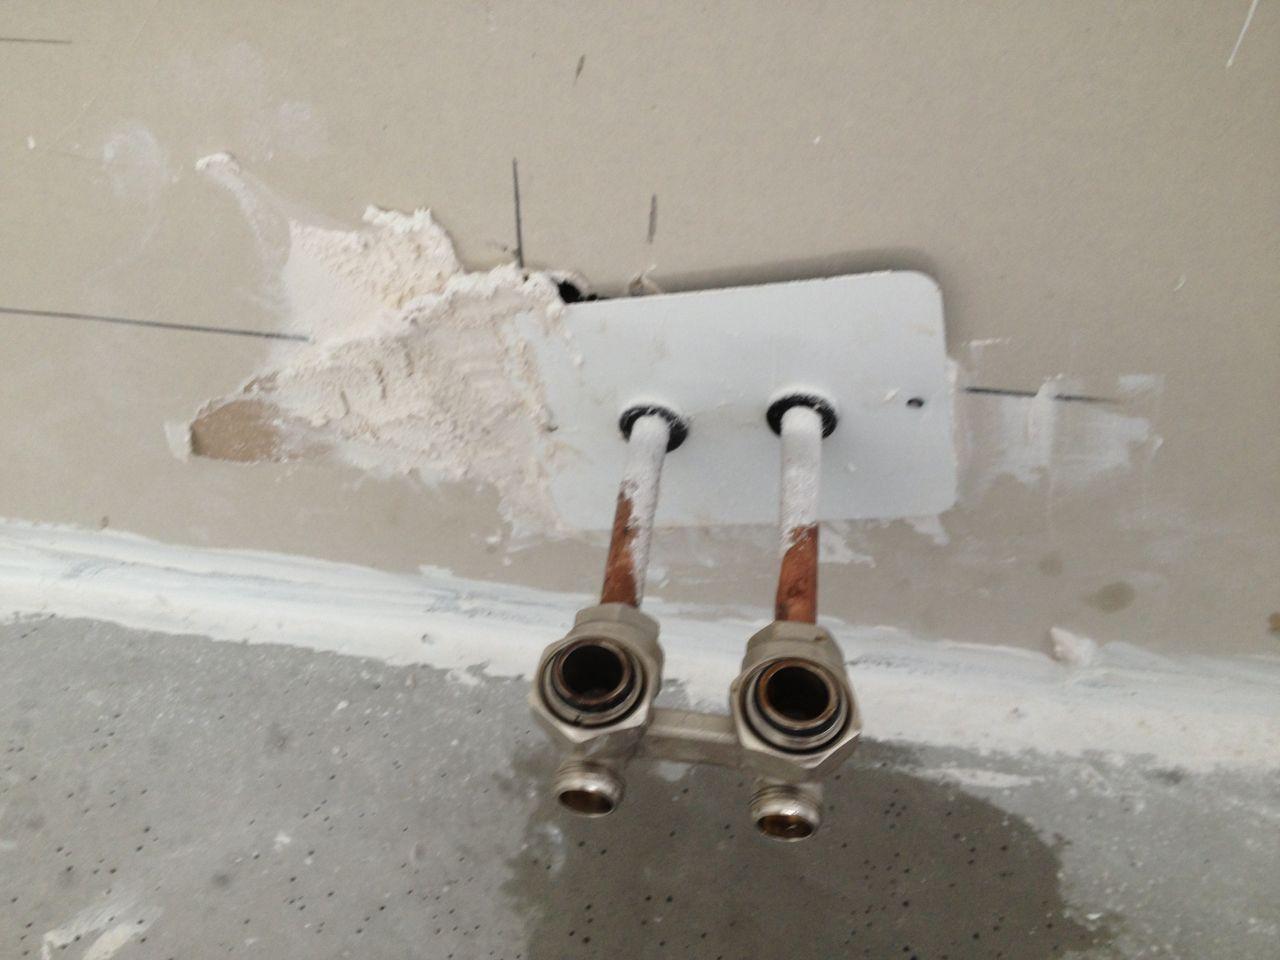 Et le meilleur pour la fin, le raccord radiateur de notre chambre, comme ils avaient vidé leur cartouche de silicone et bien ils ont enduit, plâtré enfin on ne sait pas trop si ce n'est que c'est magnifiquement moche pour une maison neuve !